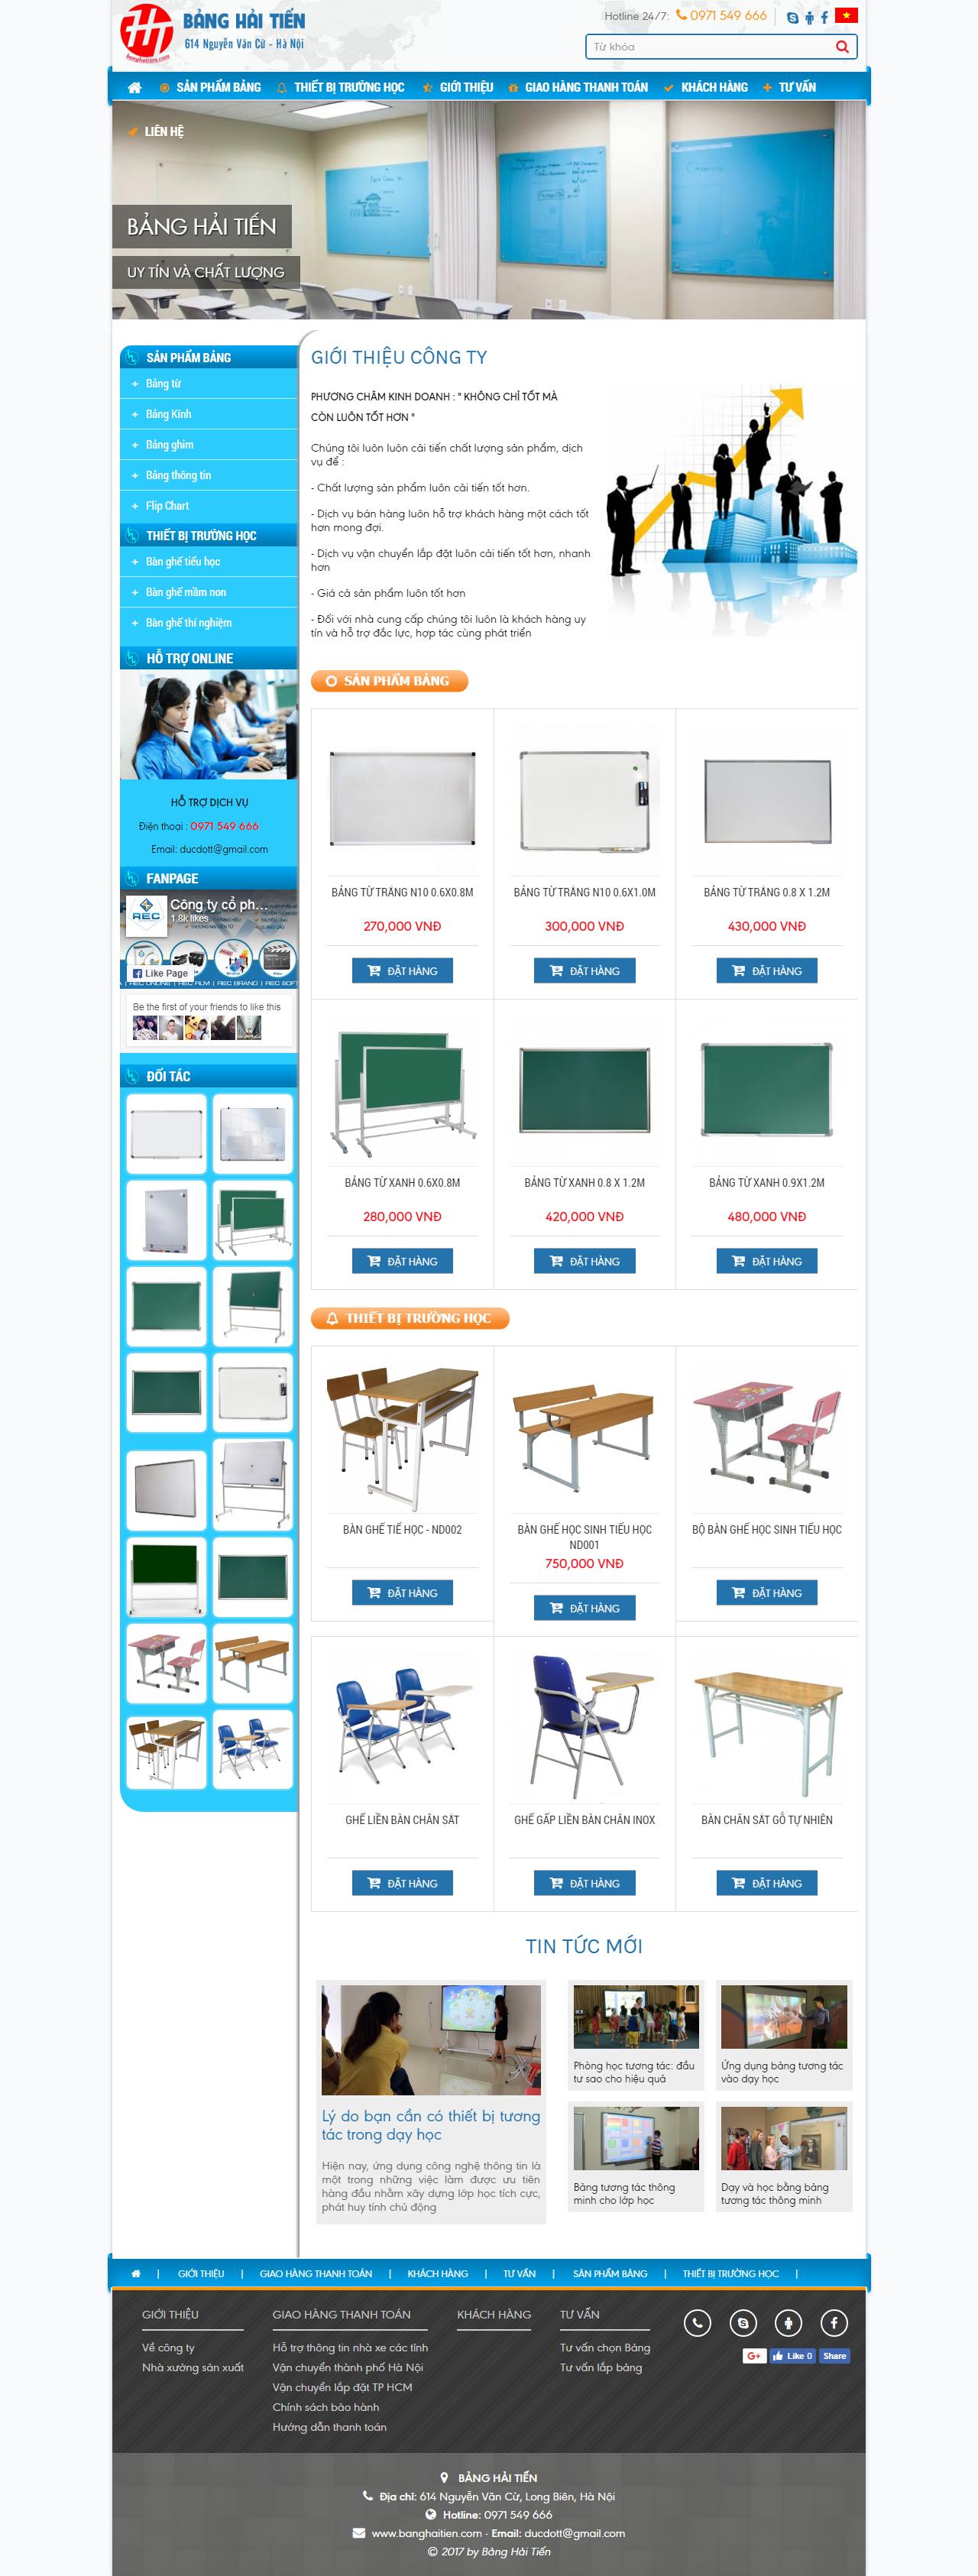 Thiết kế web giá rẻ nội thất trường học